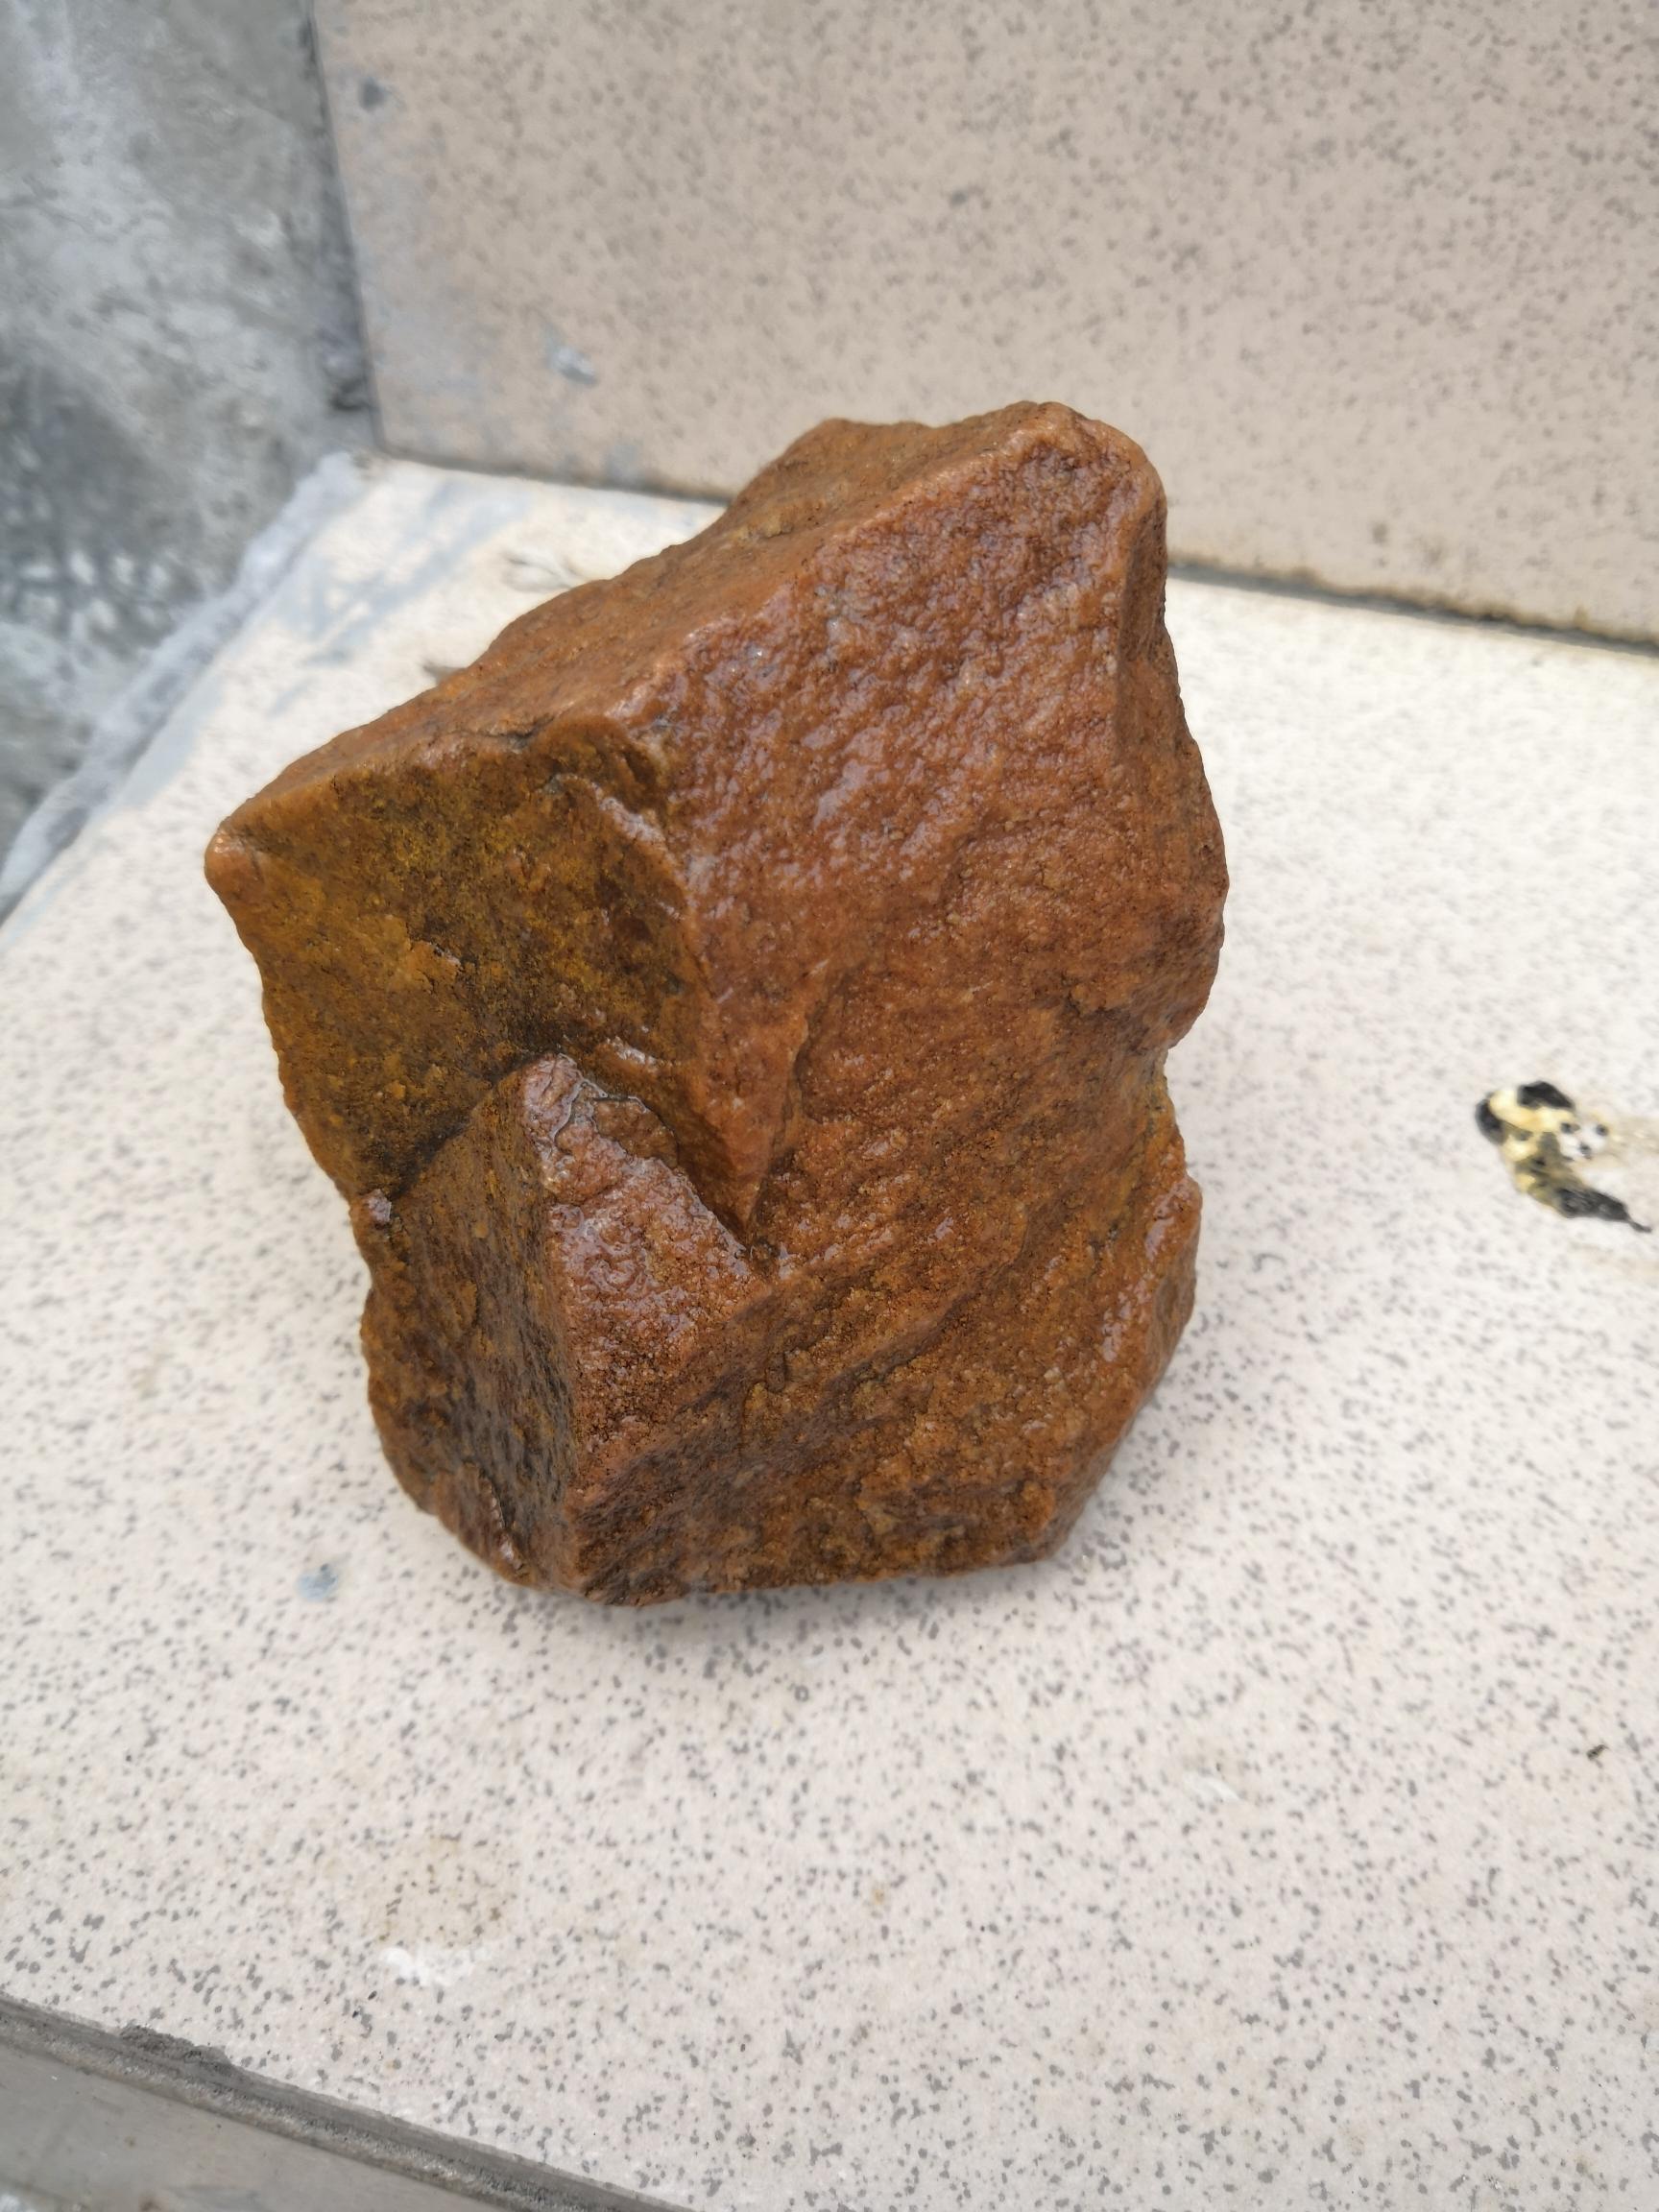 【西安豹纹夫】最近想用石头布置一下鱼缸这石头能用吗 西安观赏鱼信息 西安博特第2张